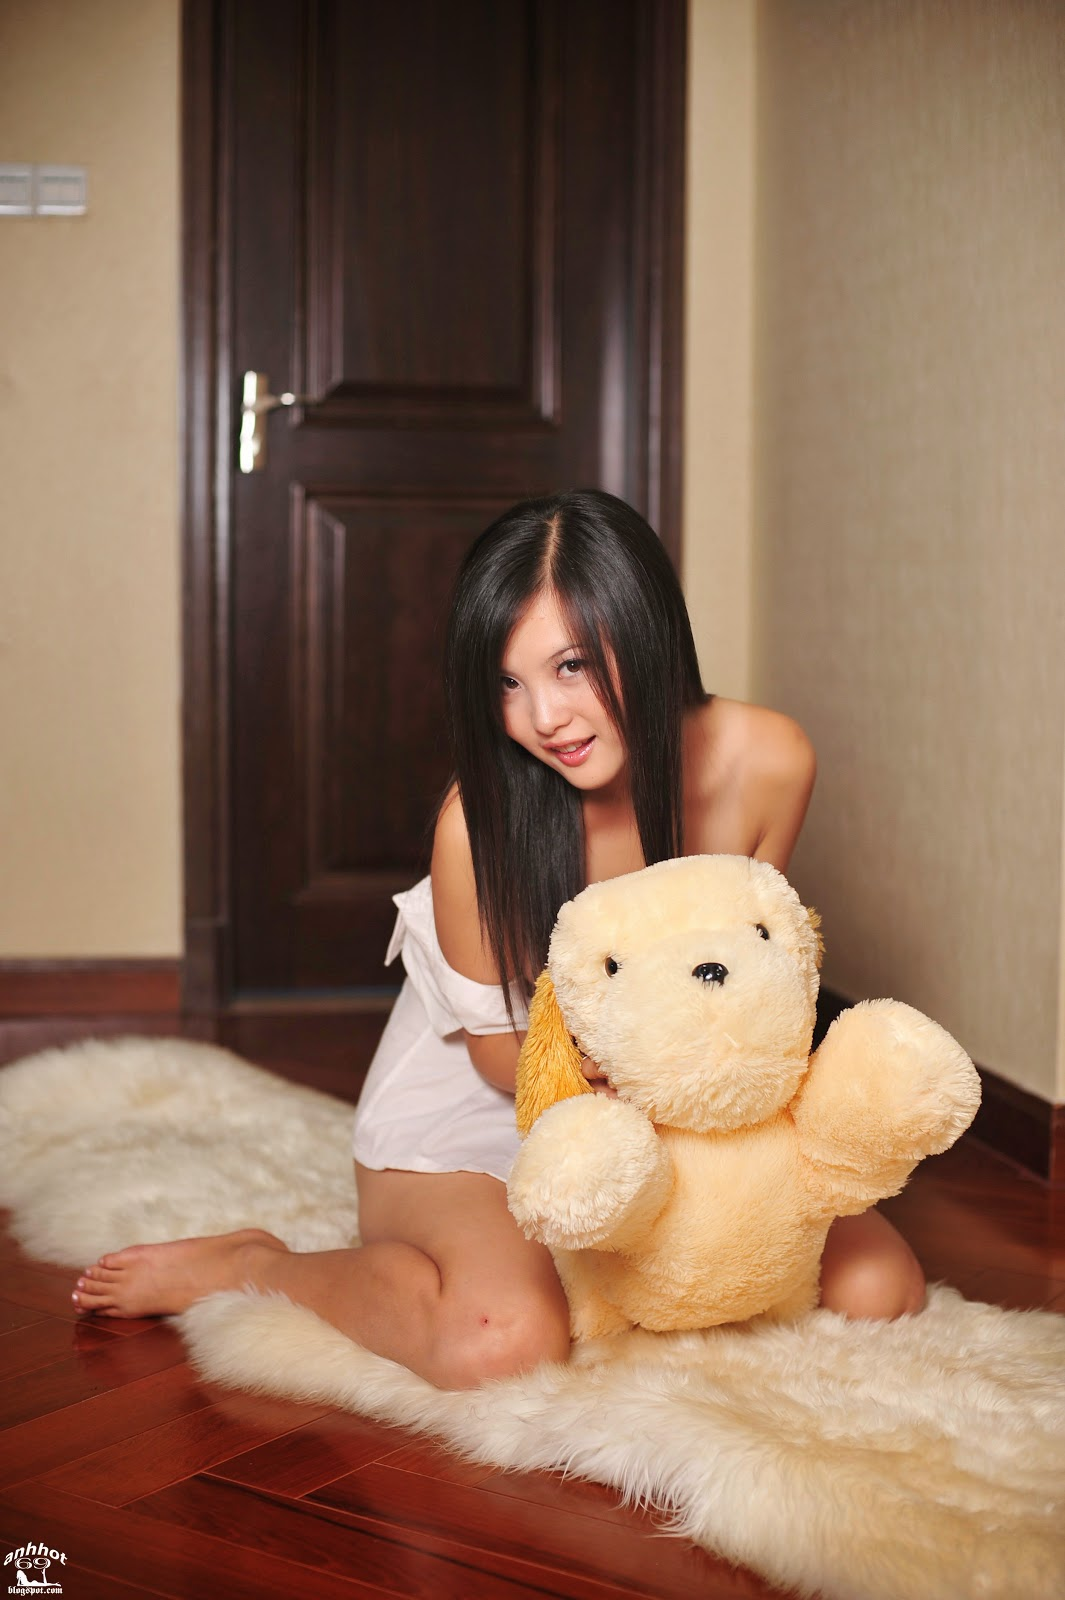 xiangxiang-amateur-02003187